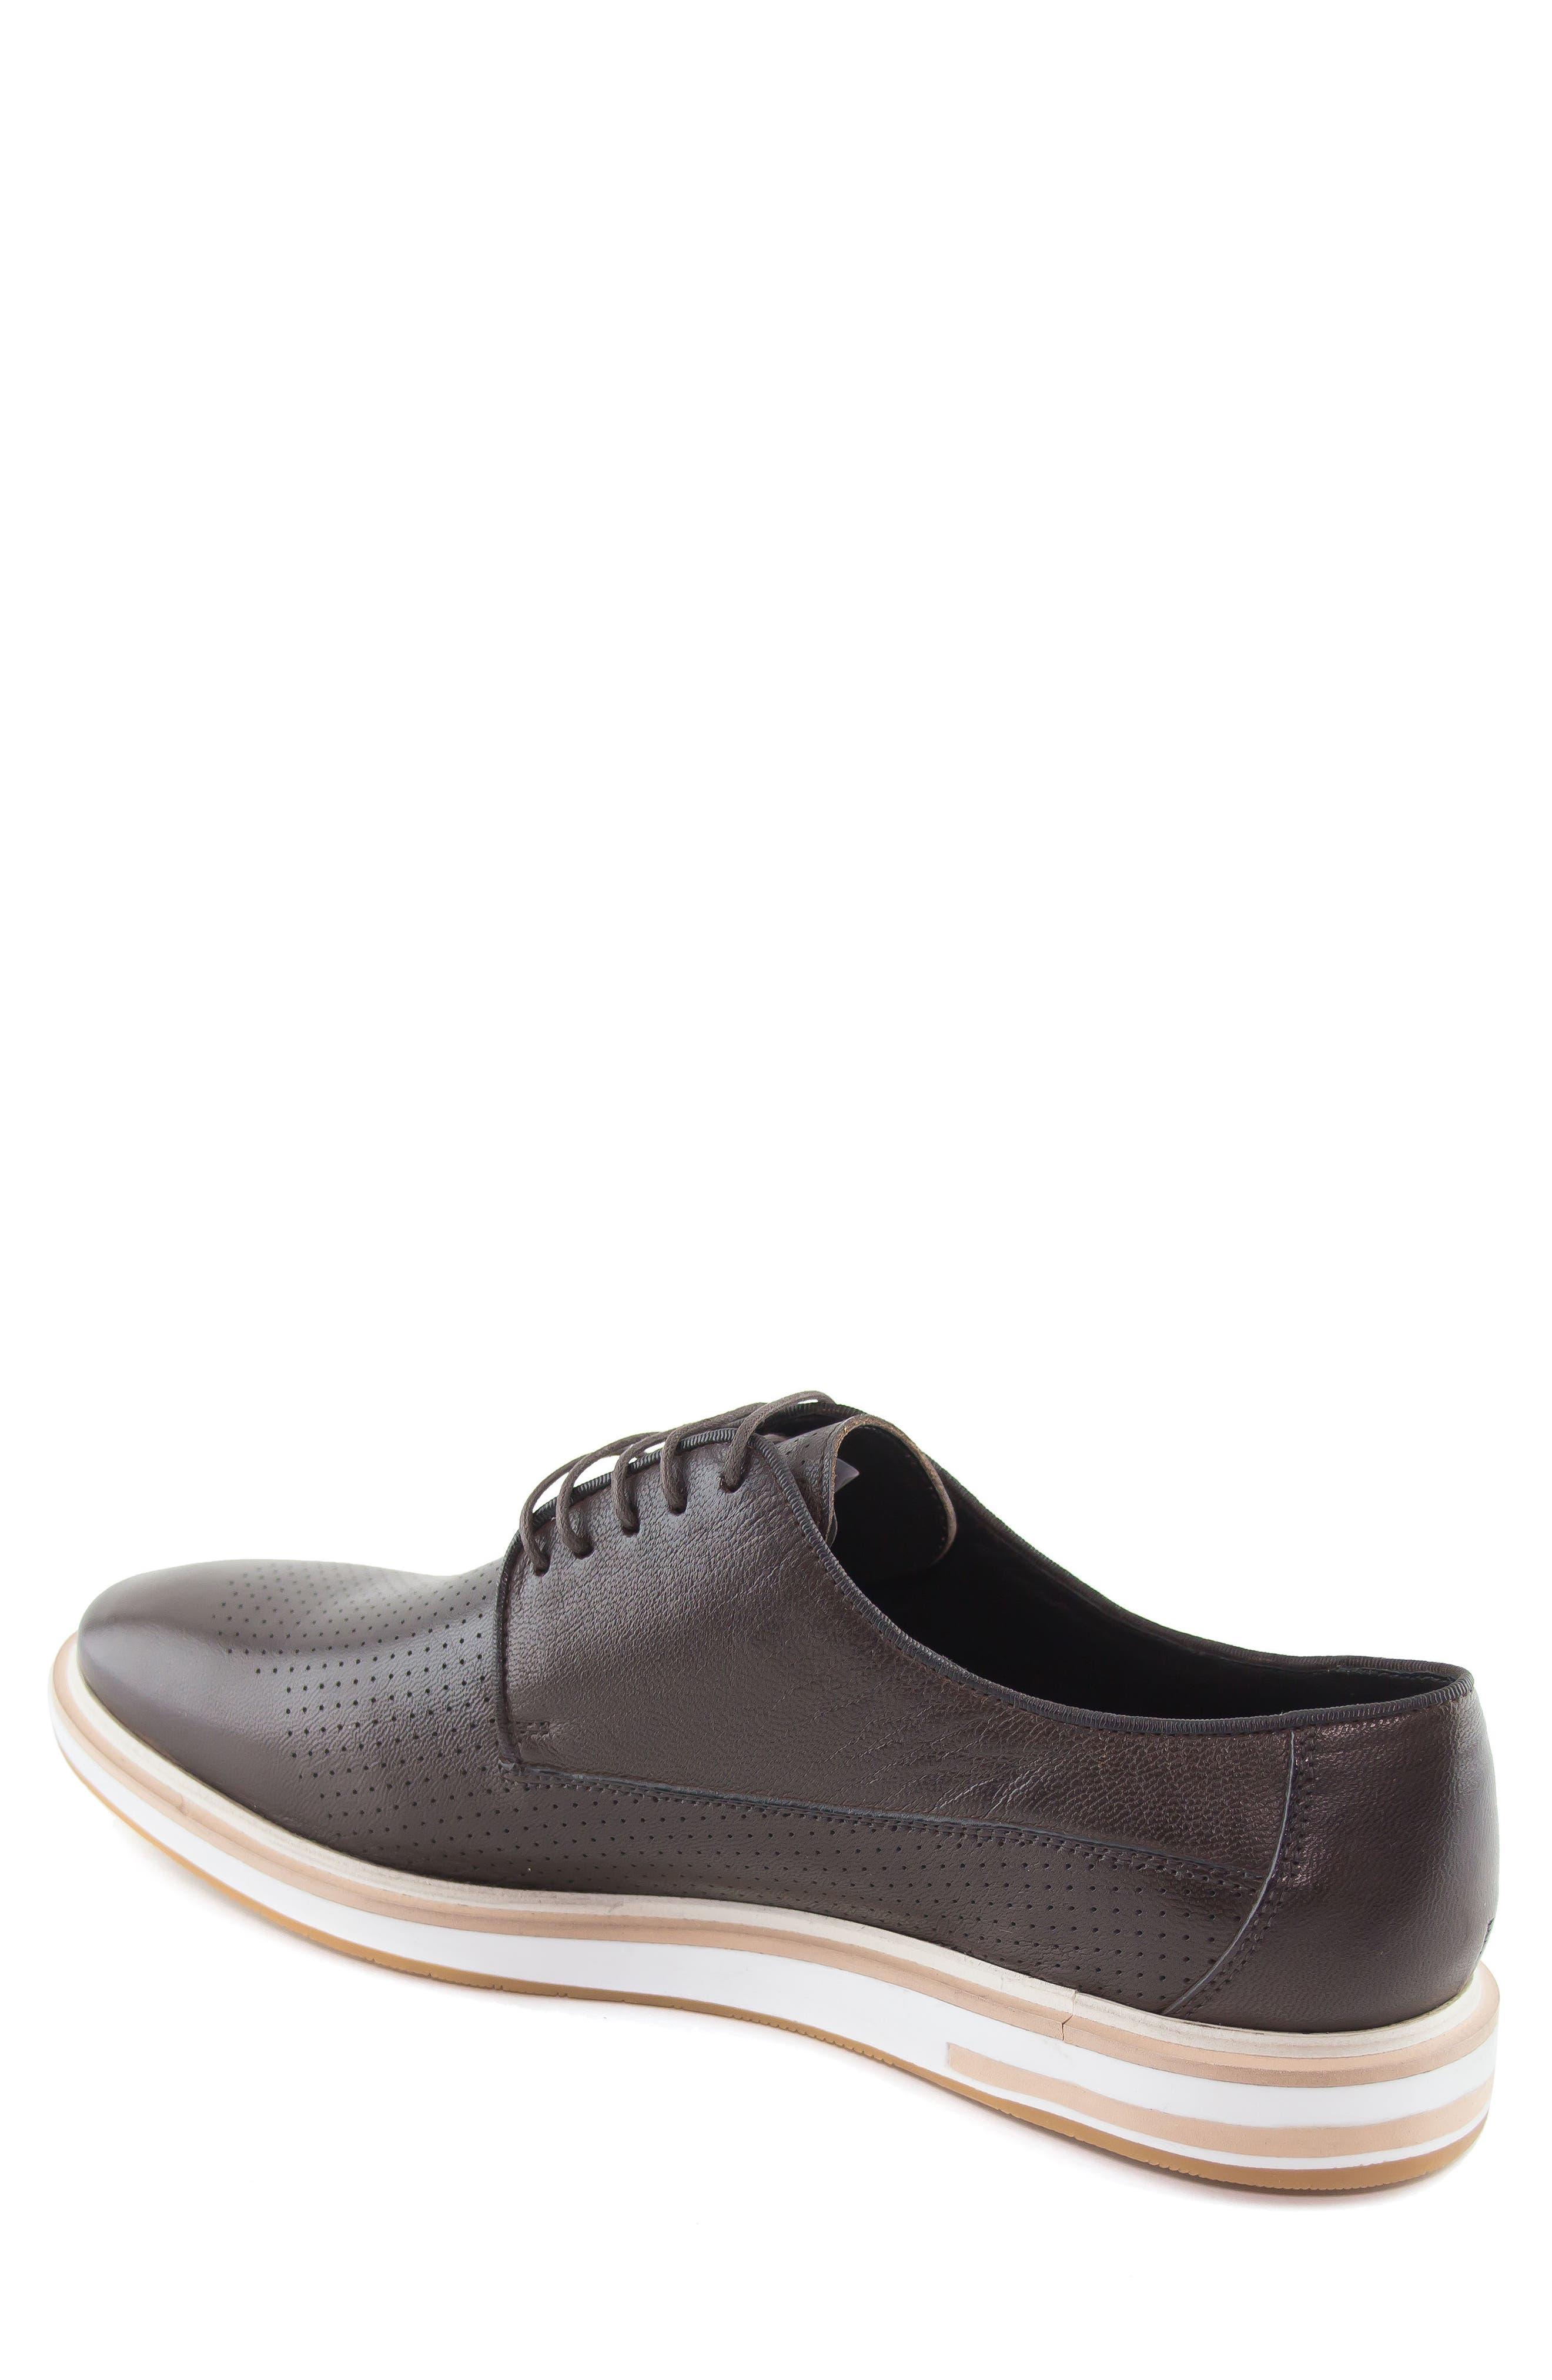 MARC JOSEPH NEW YORK, Manhattan Sneaker, Alternate thumbnail 2, color, 205